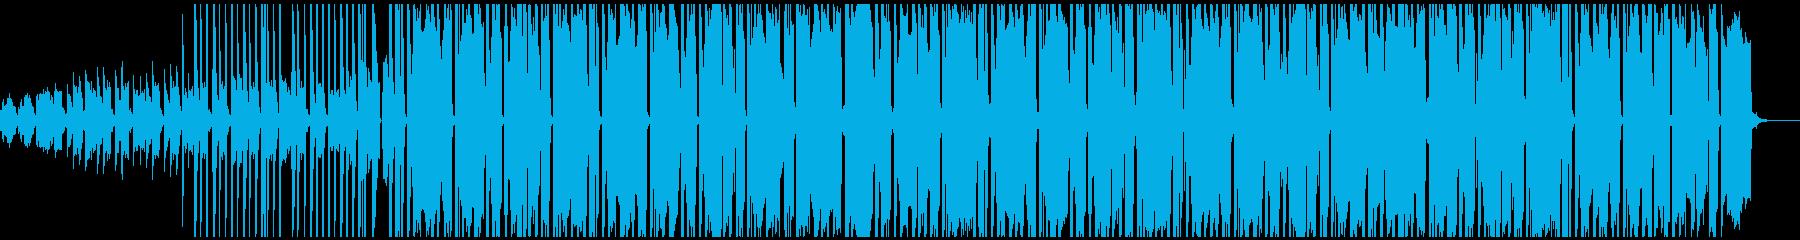 おしゃれなピアノが特徴的なビート/BGMの再生済みの波形